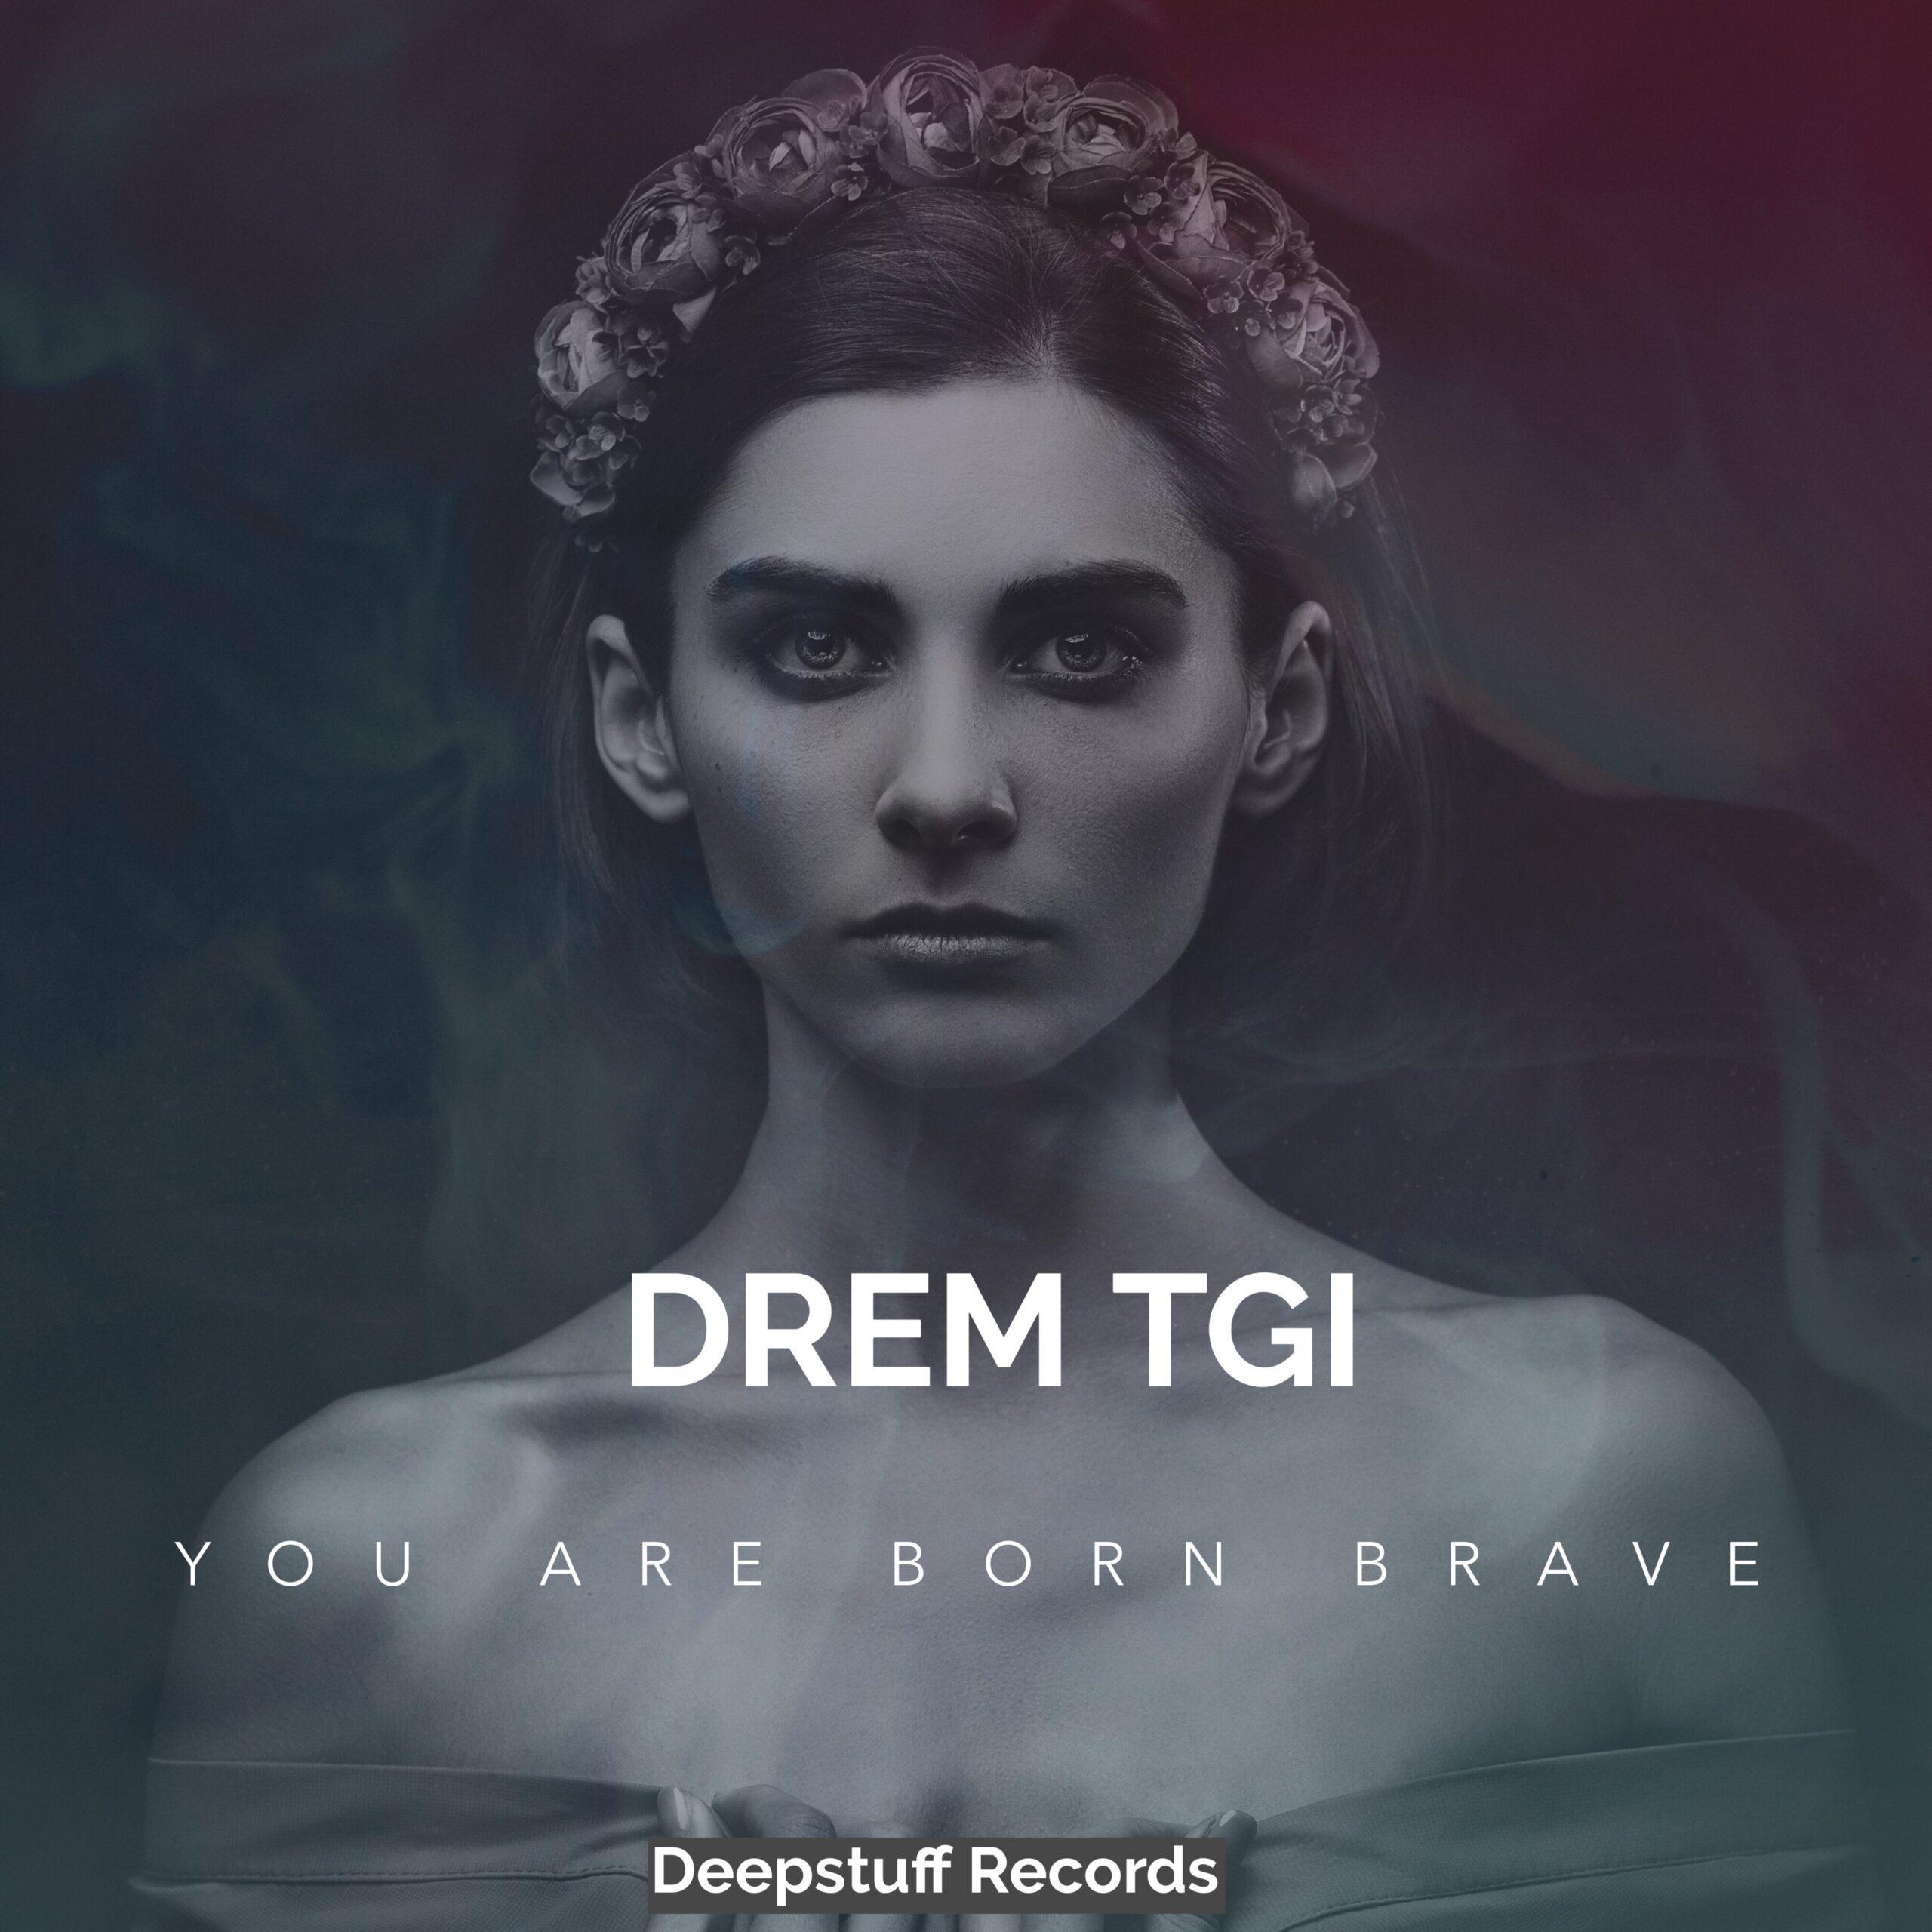 You are born brave